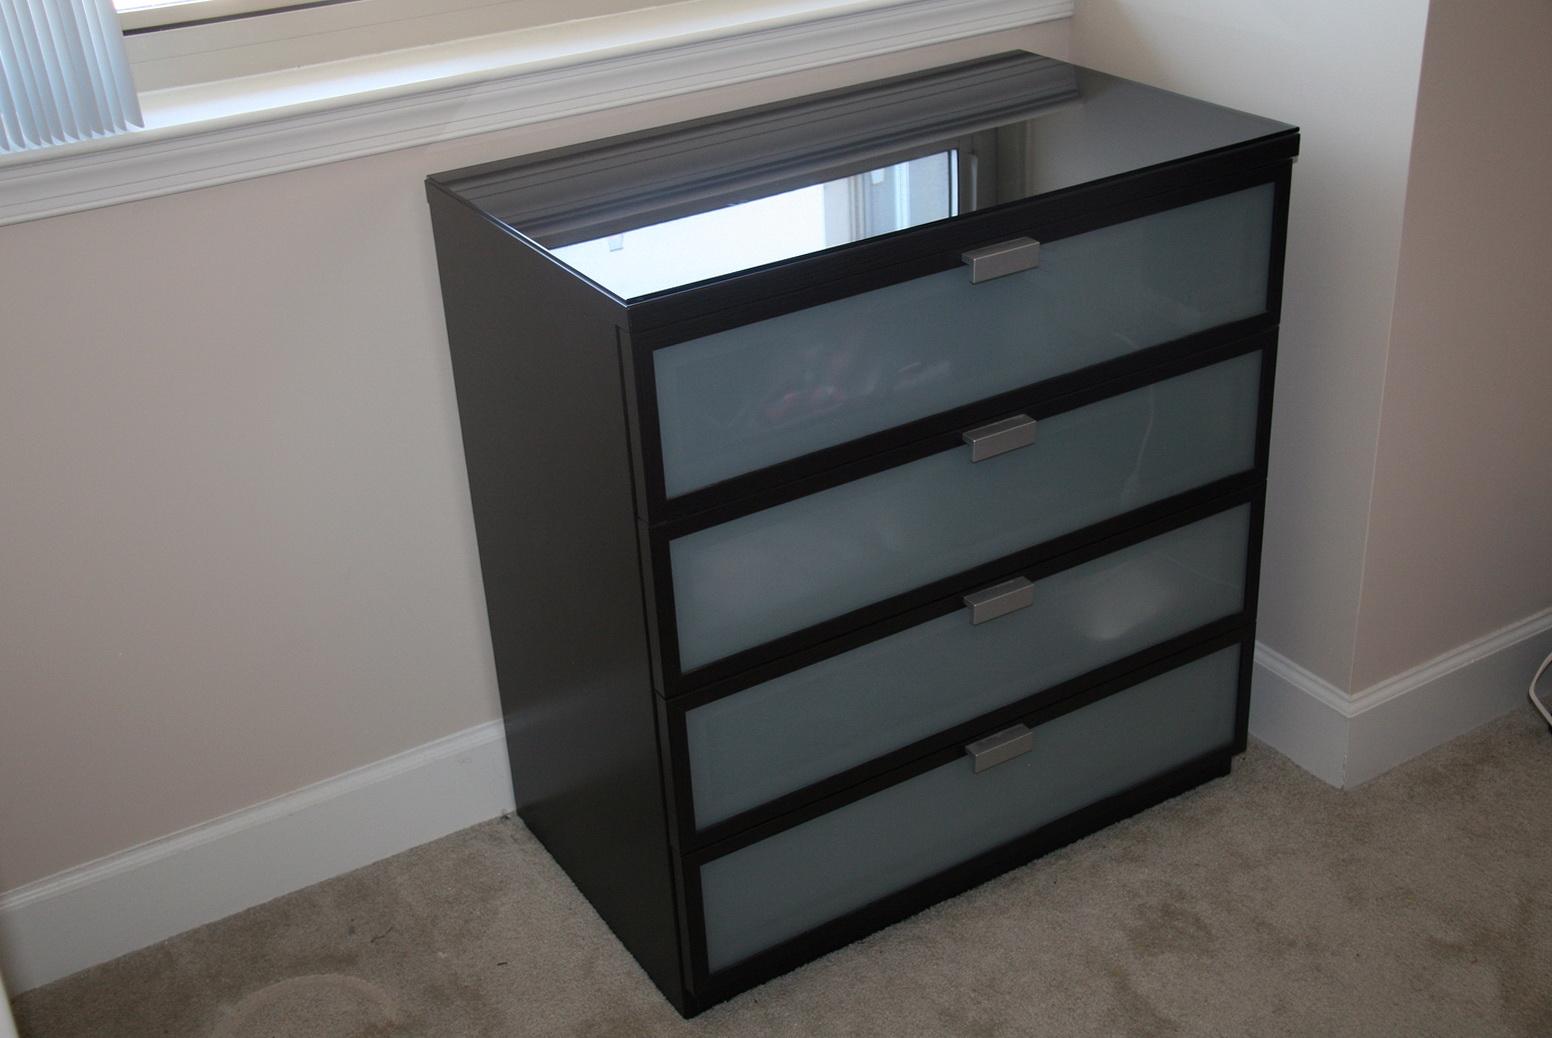 Ikea Hopen Dresser Review